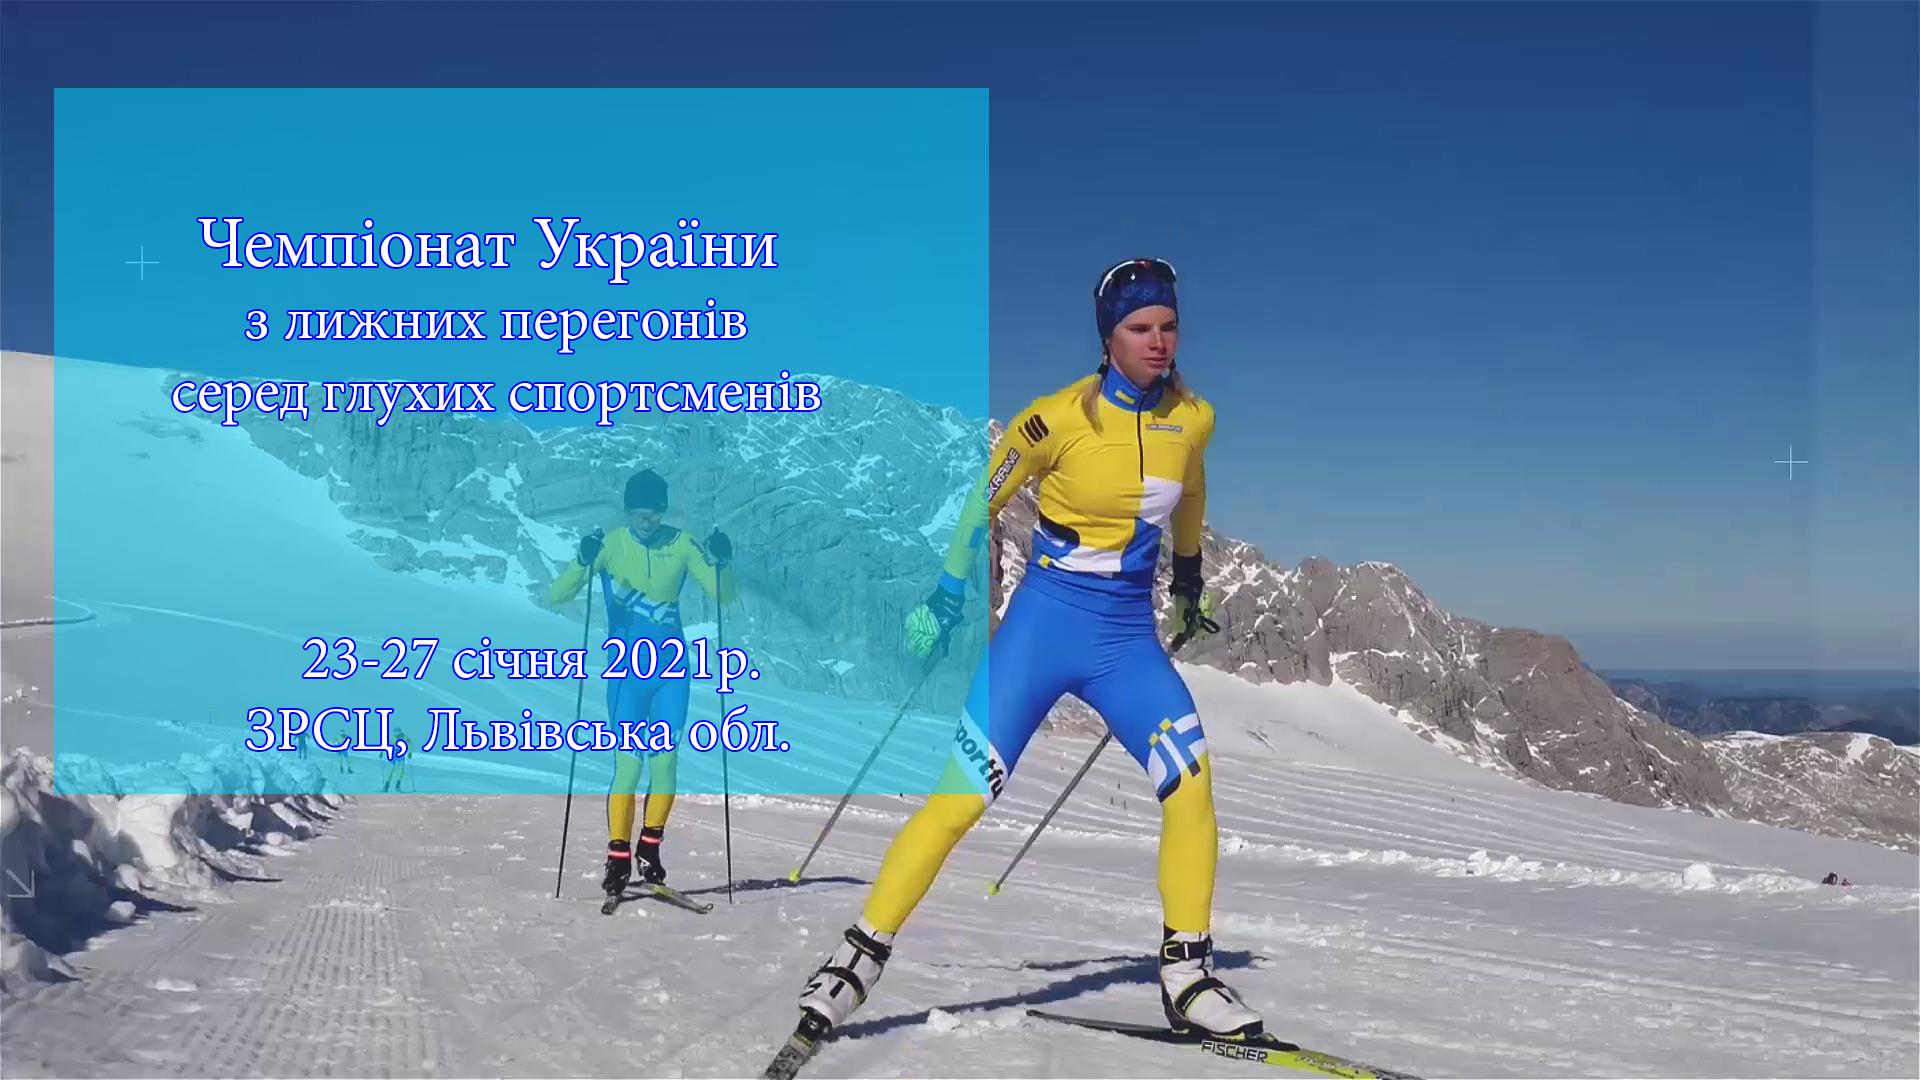 Чемпіонат України з лижних перегонів